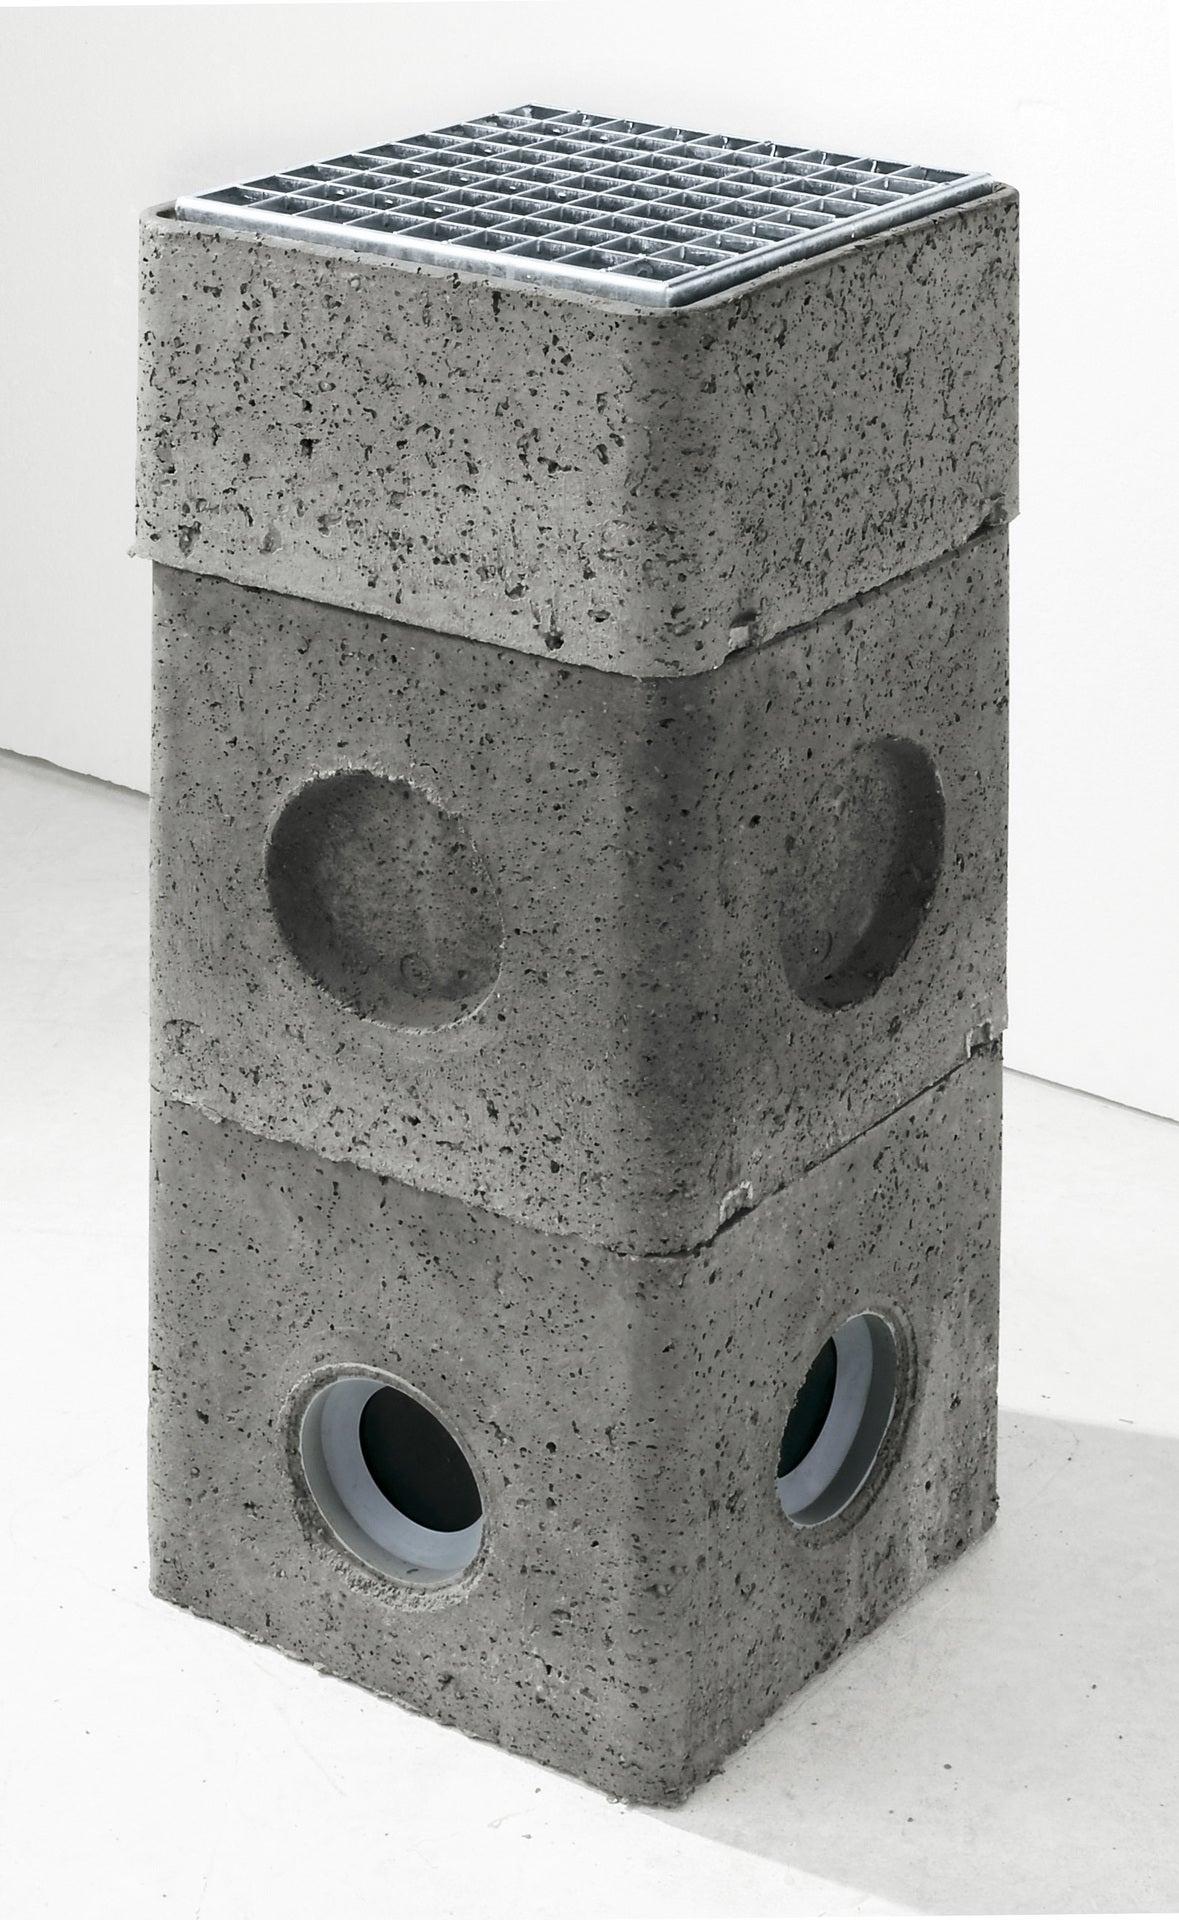 Grille caillebotis acier galvanisé, 32x32 cm | Leroy Merlin